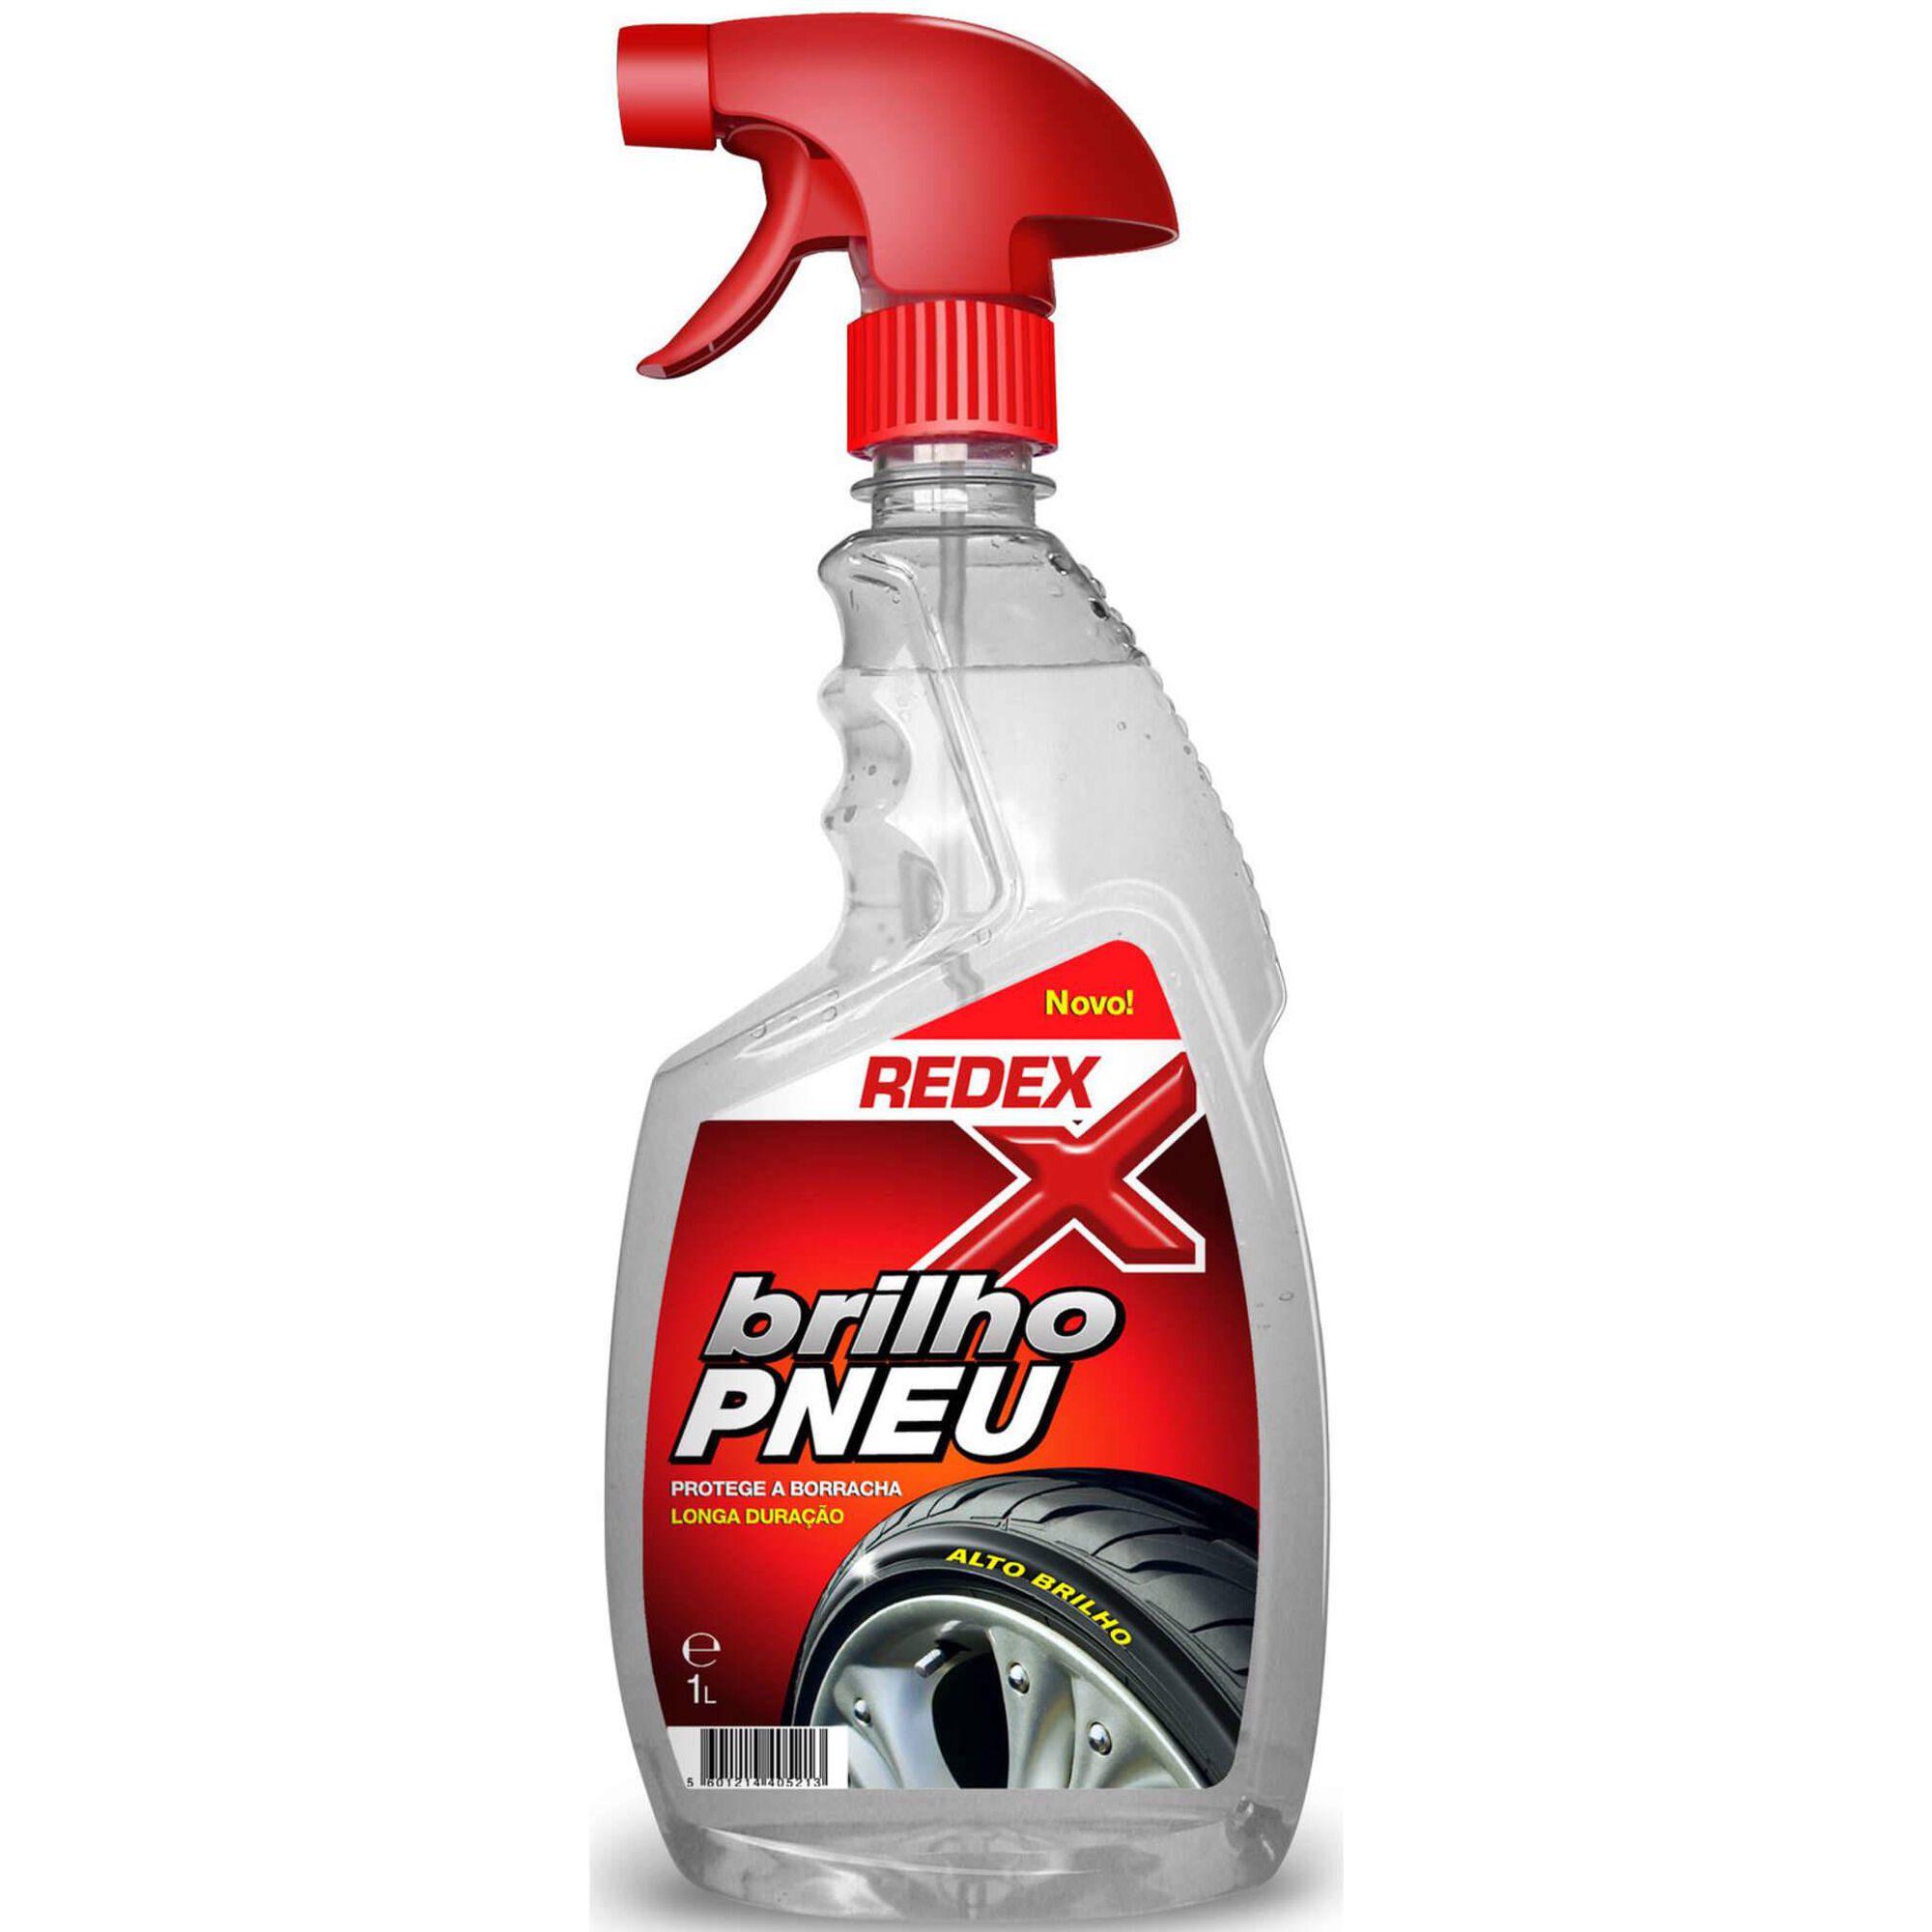 Spray Brilho Pneus 1L